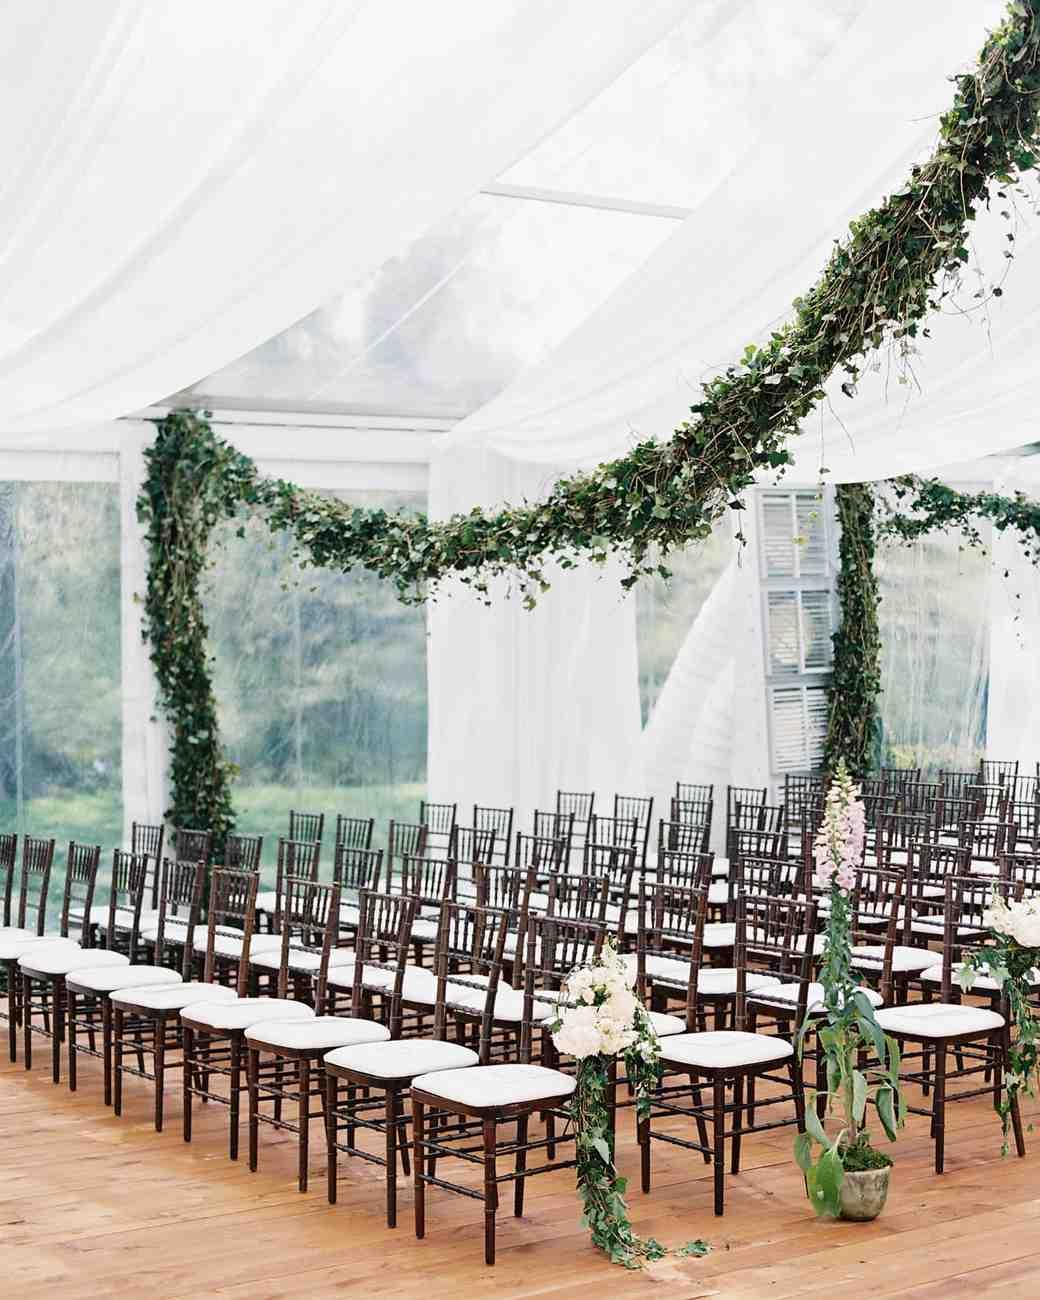 nikki-kiff-wedding-ceremony-004721012-s112766-0316.jpg